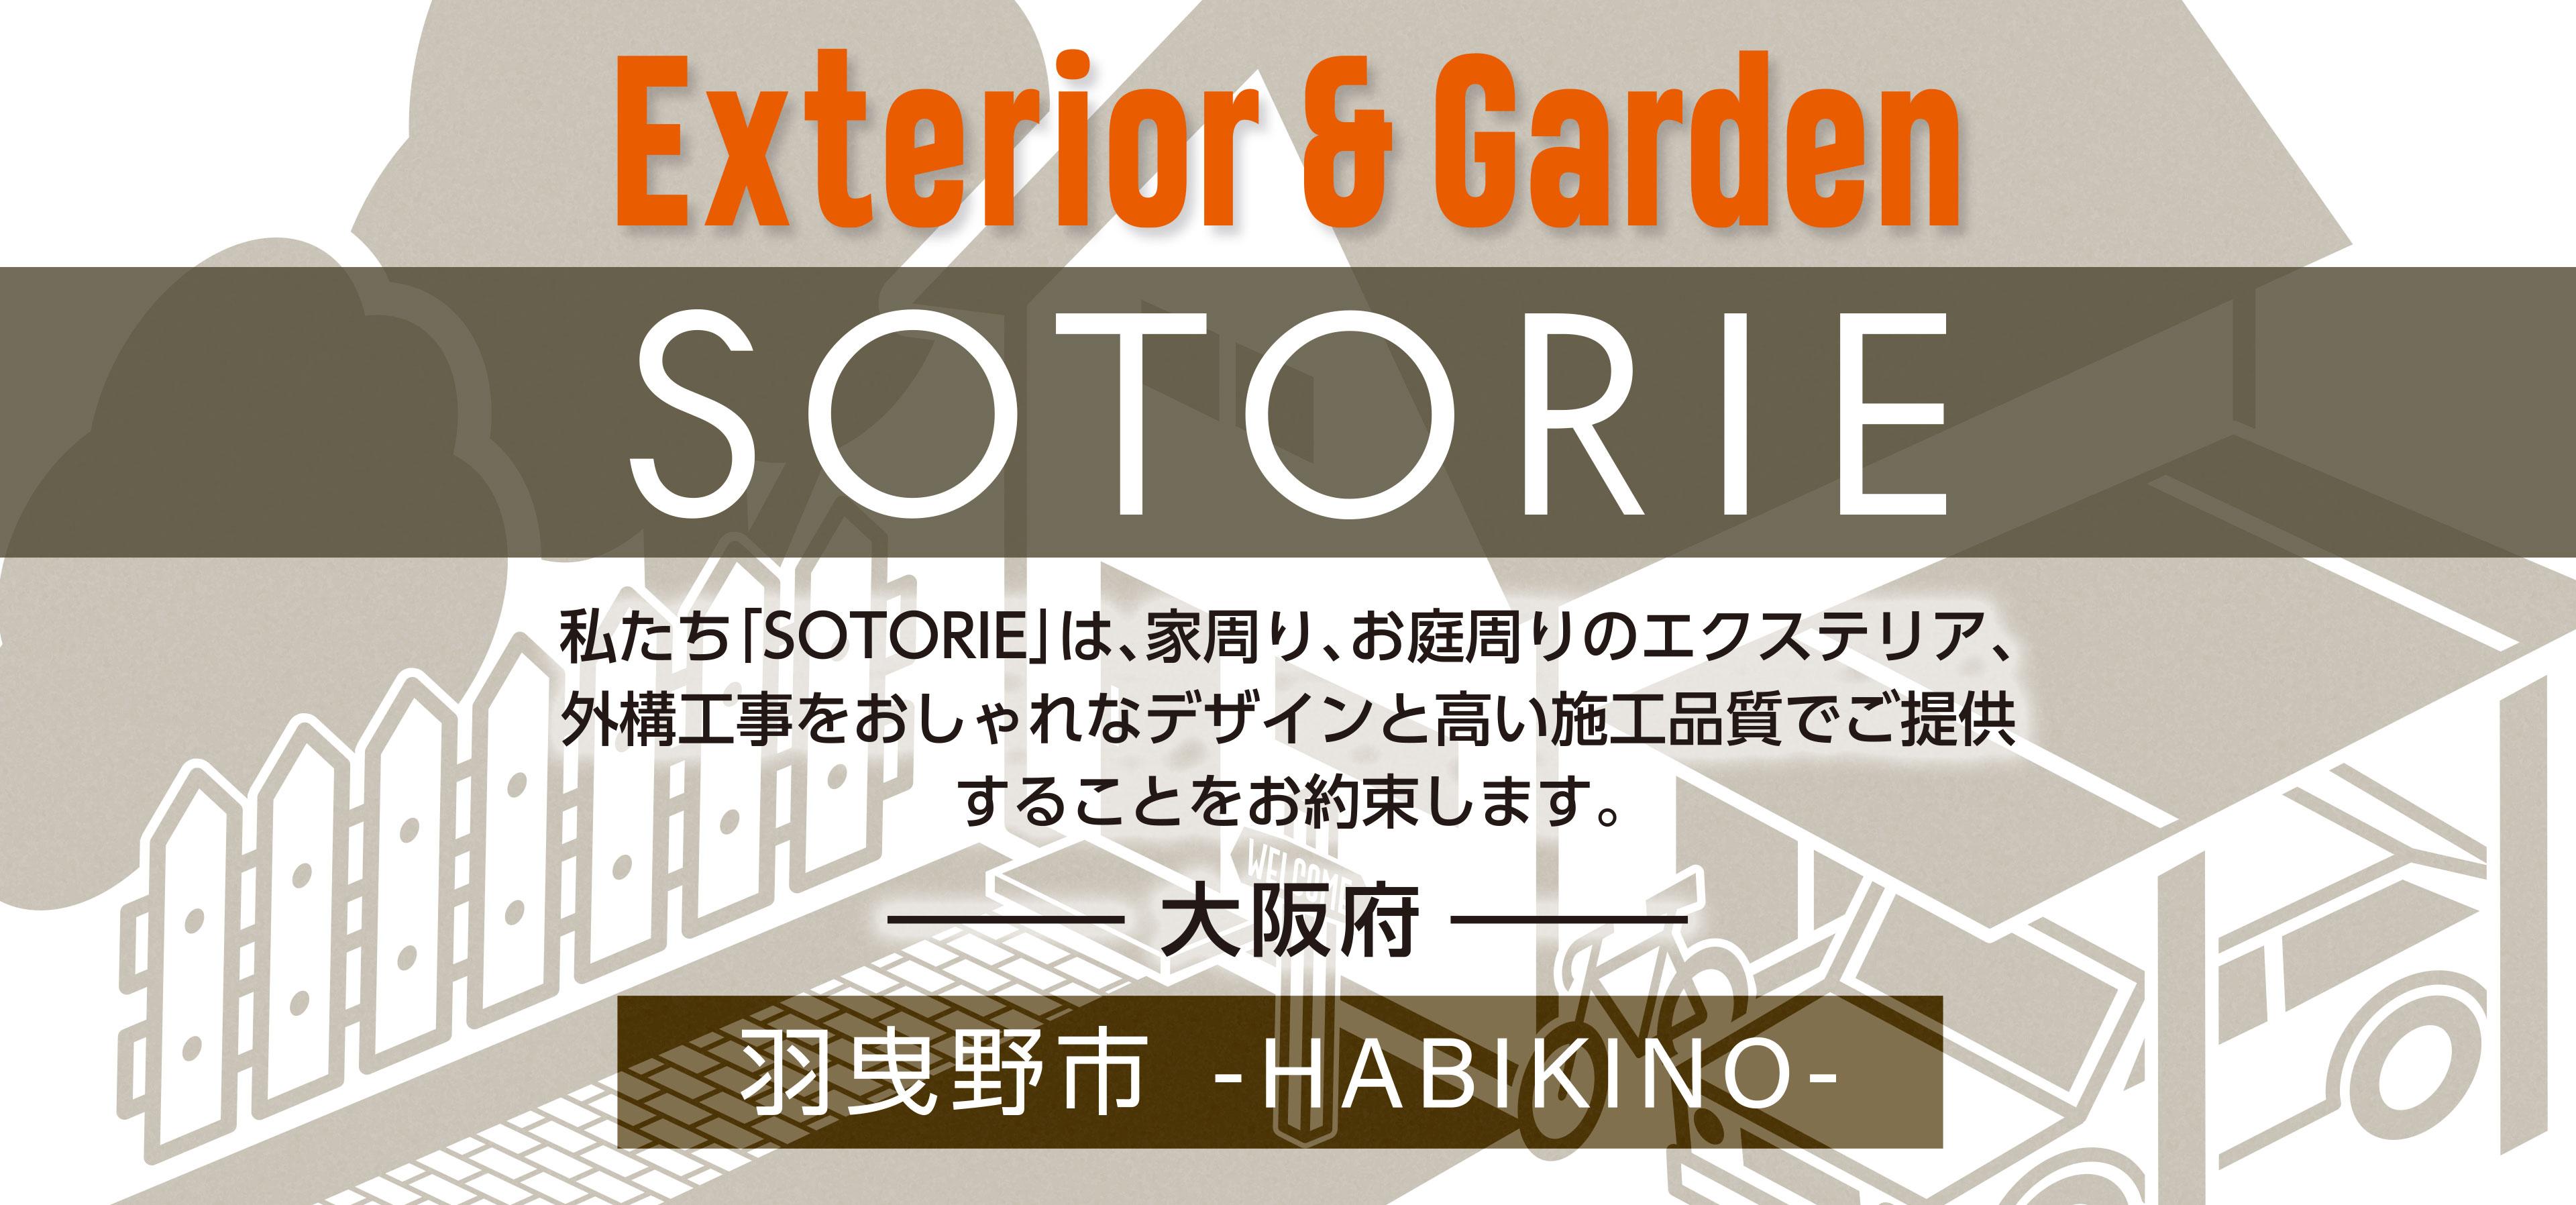 ソトリエ羽曳野市では、家周りと庭周りの外構、エクステリア工事をおしゃれなデザインと高い施工品質でご提供することをお約束します。